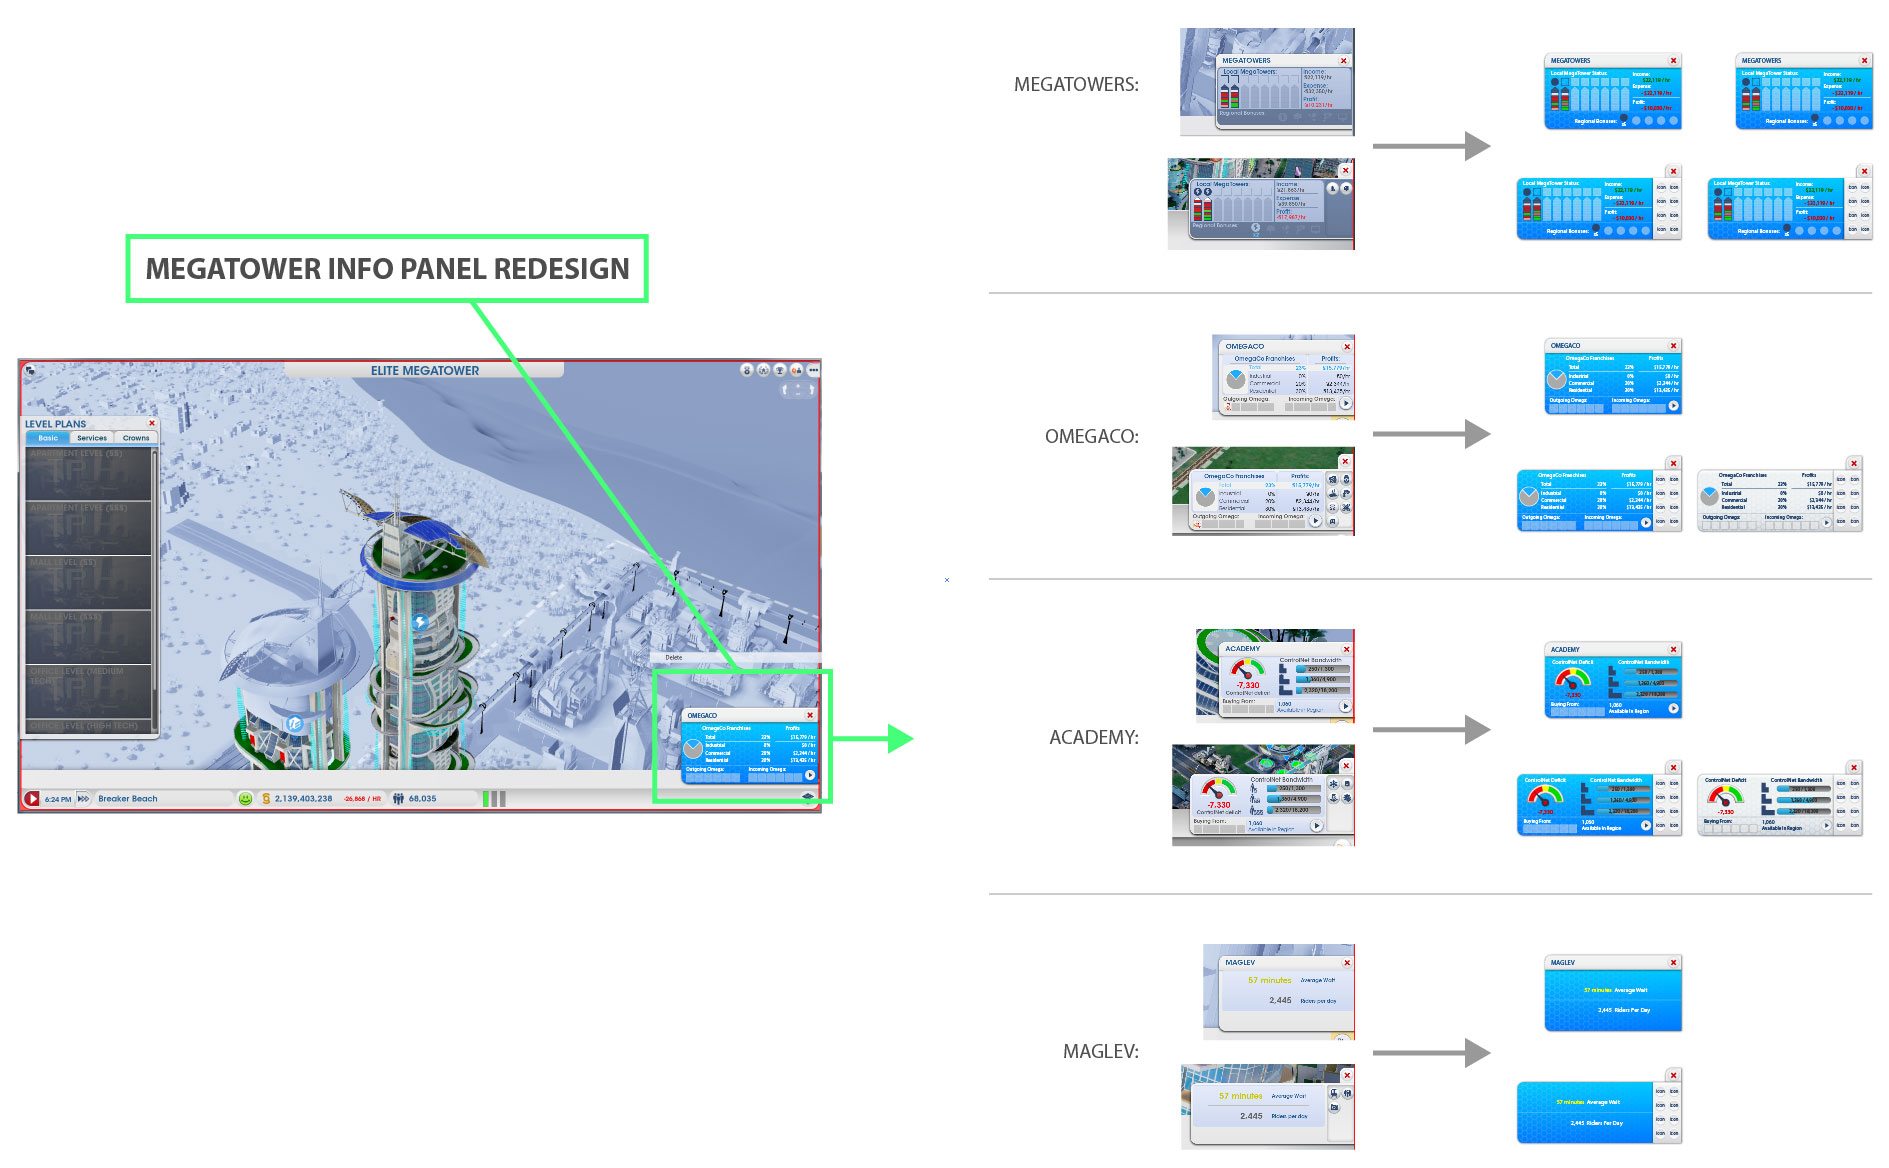 UX - Building Information Panel Mock-Ups